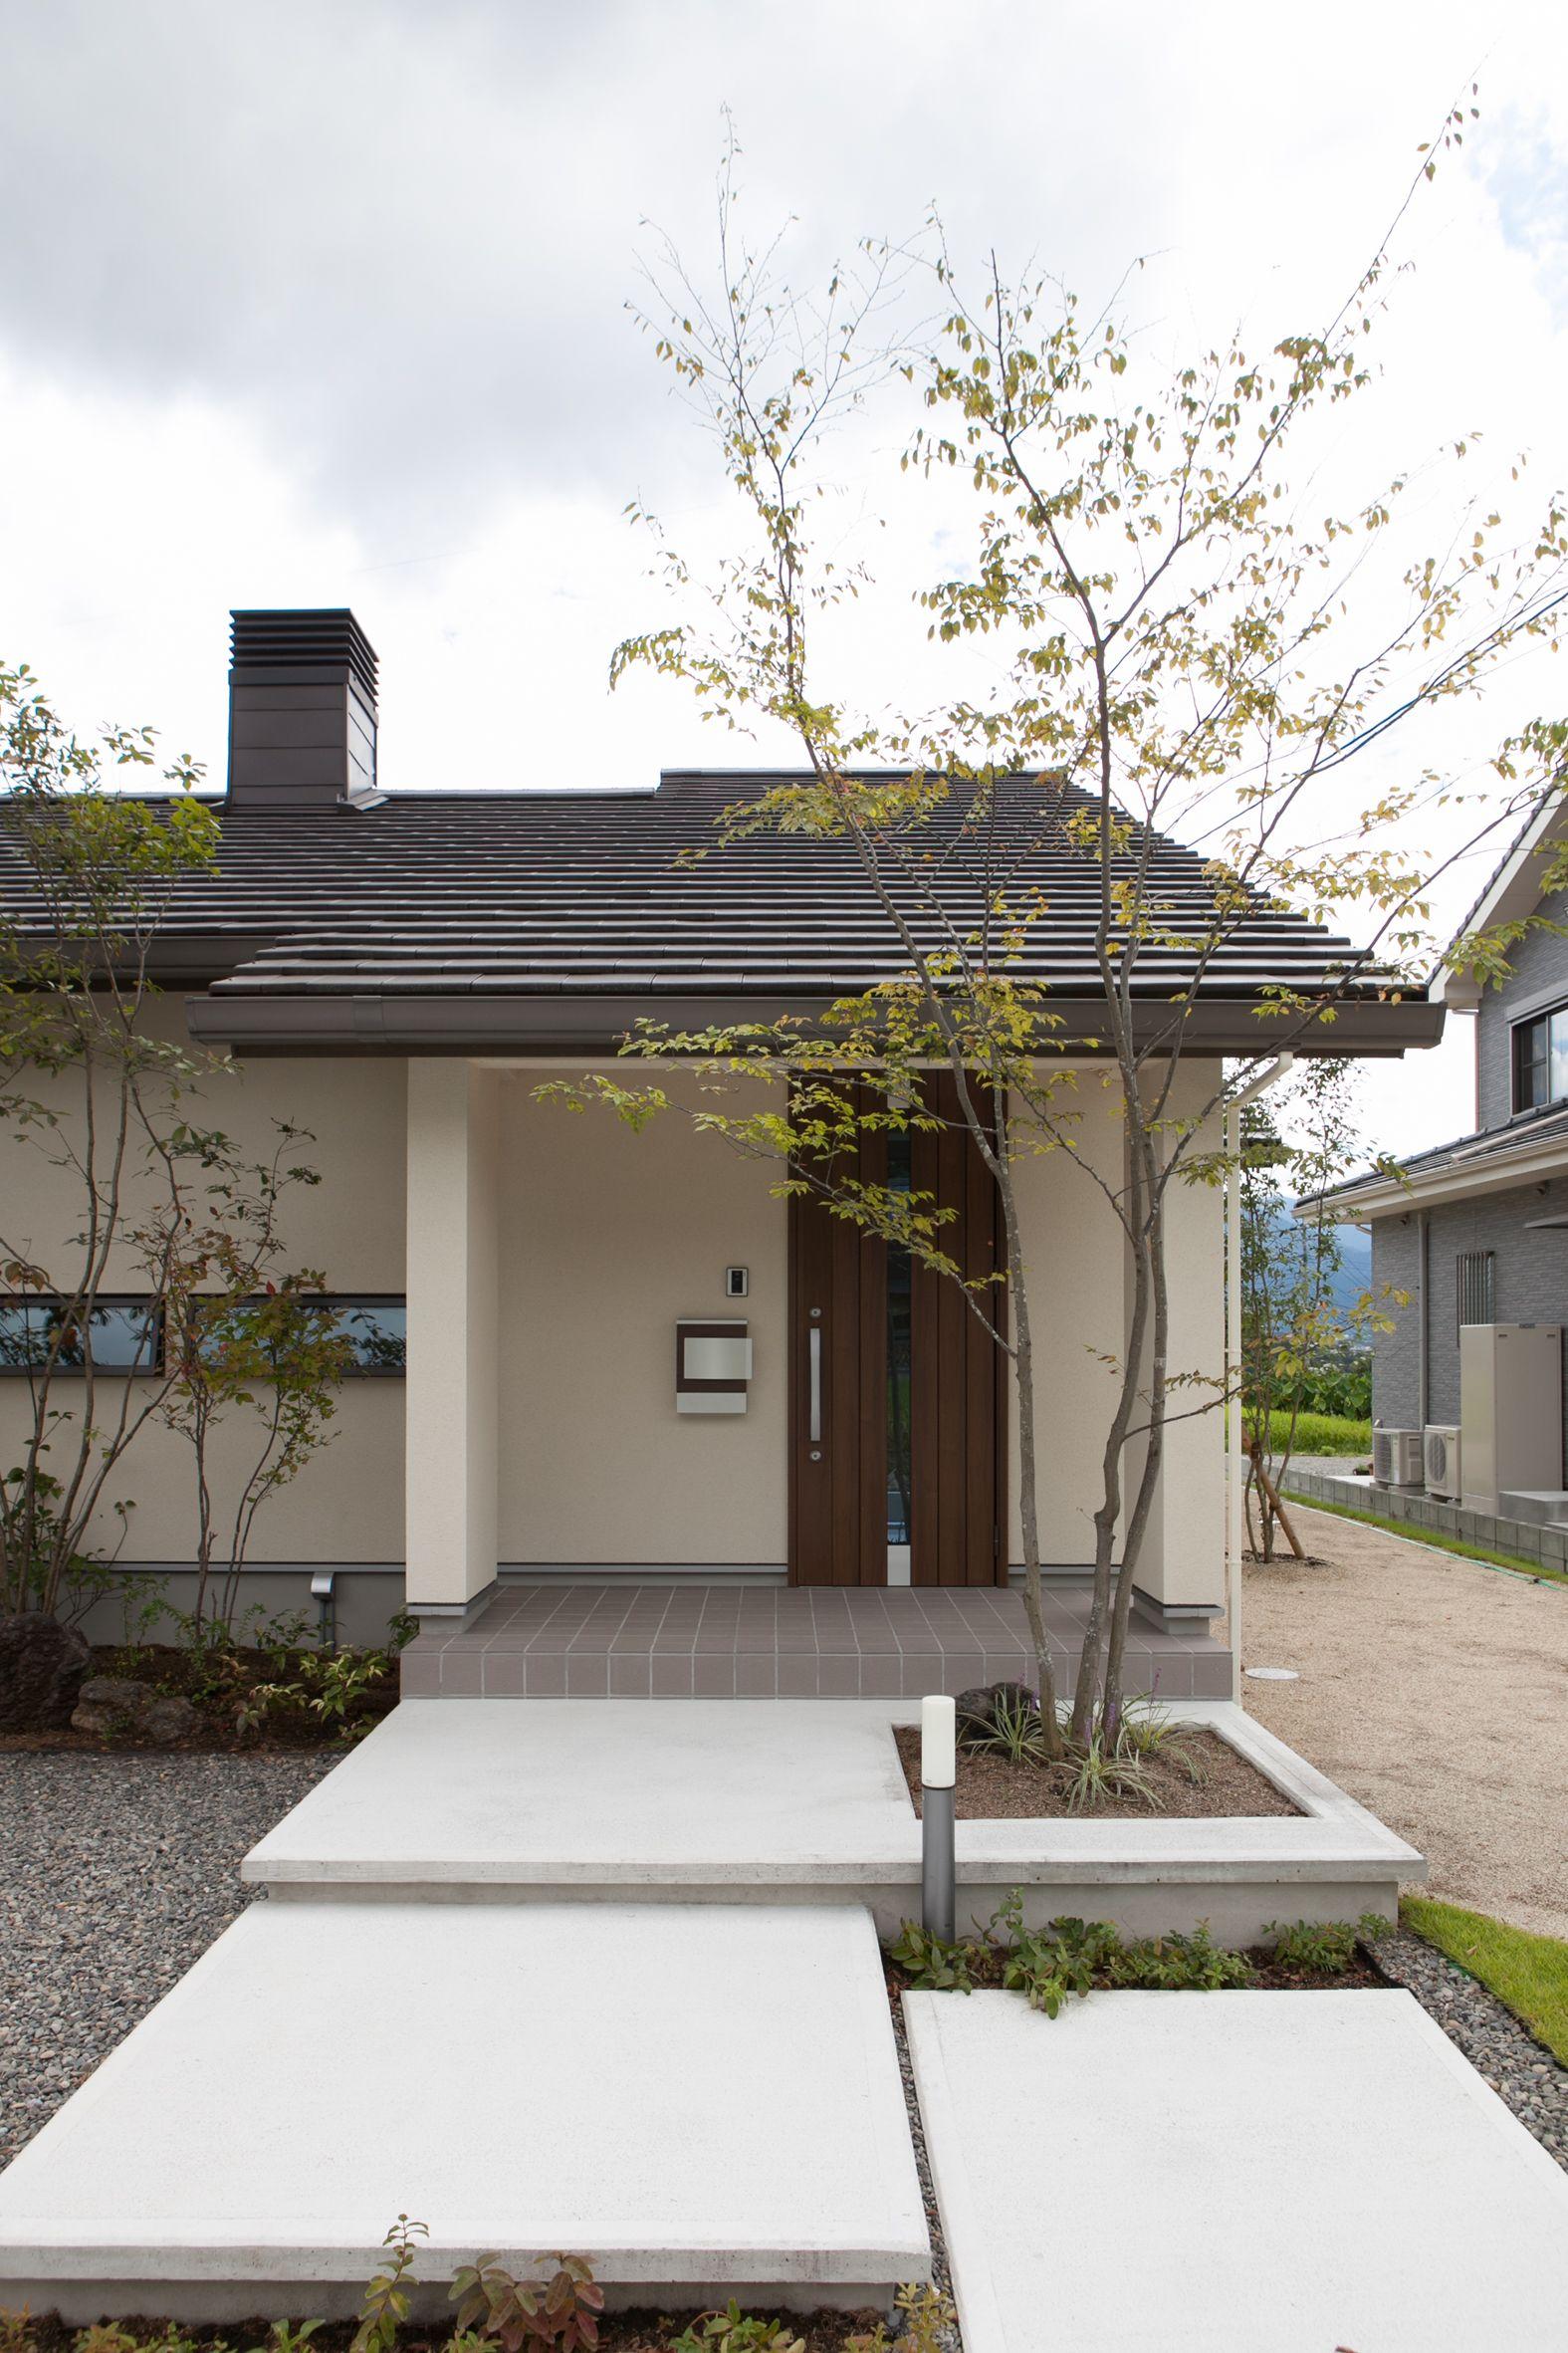 新産住拓の施工事例 熊本の新築一戸建て注文住宅 エクステリア